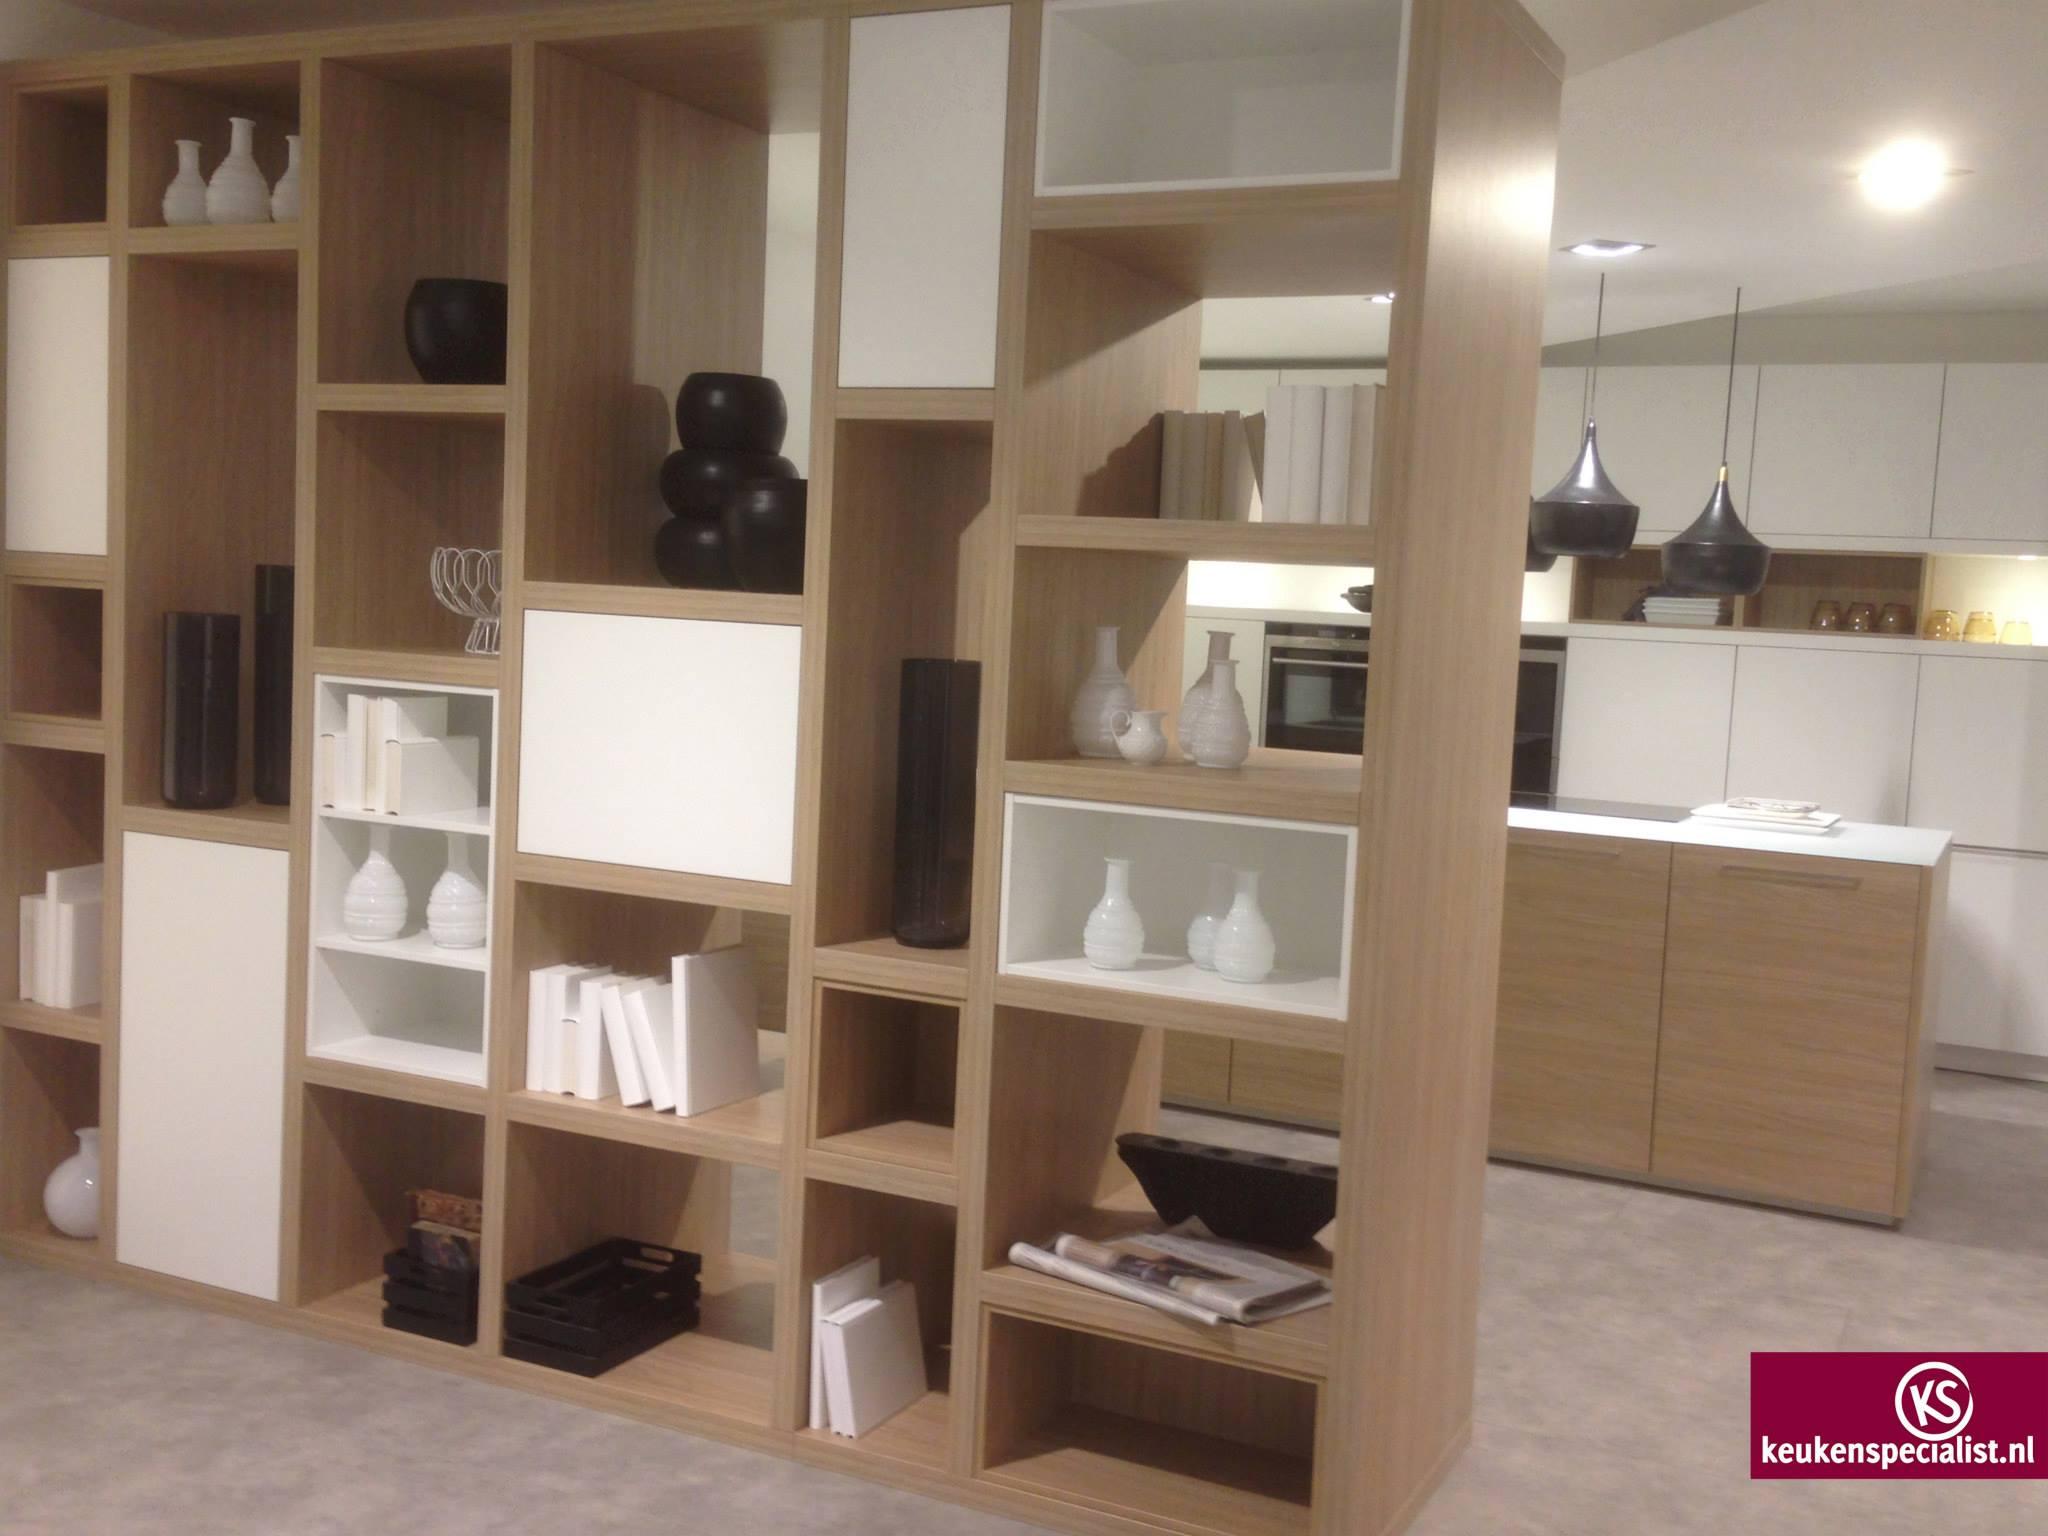 Roomdivider voor de keuken voorlichtingsburo wonen - Eetkamer en woonkamer ...